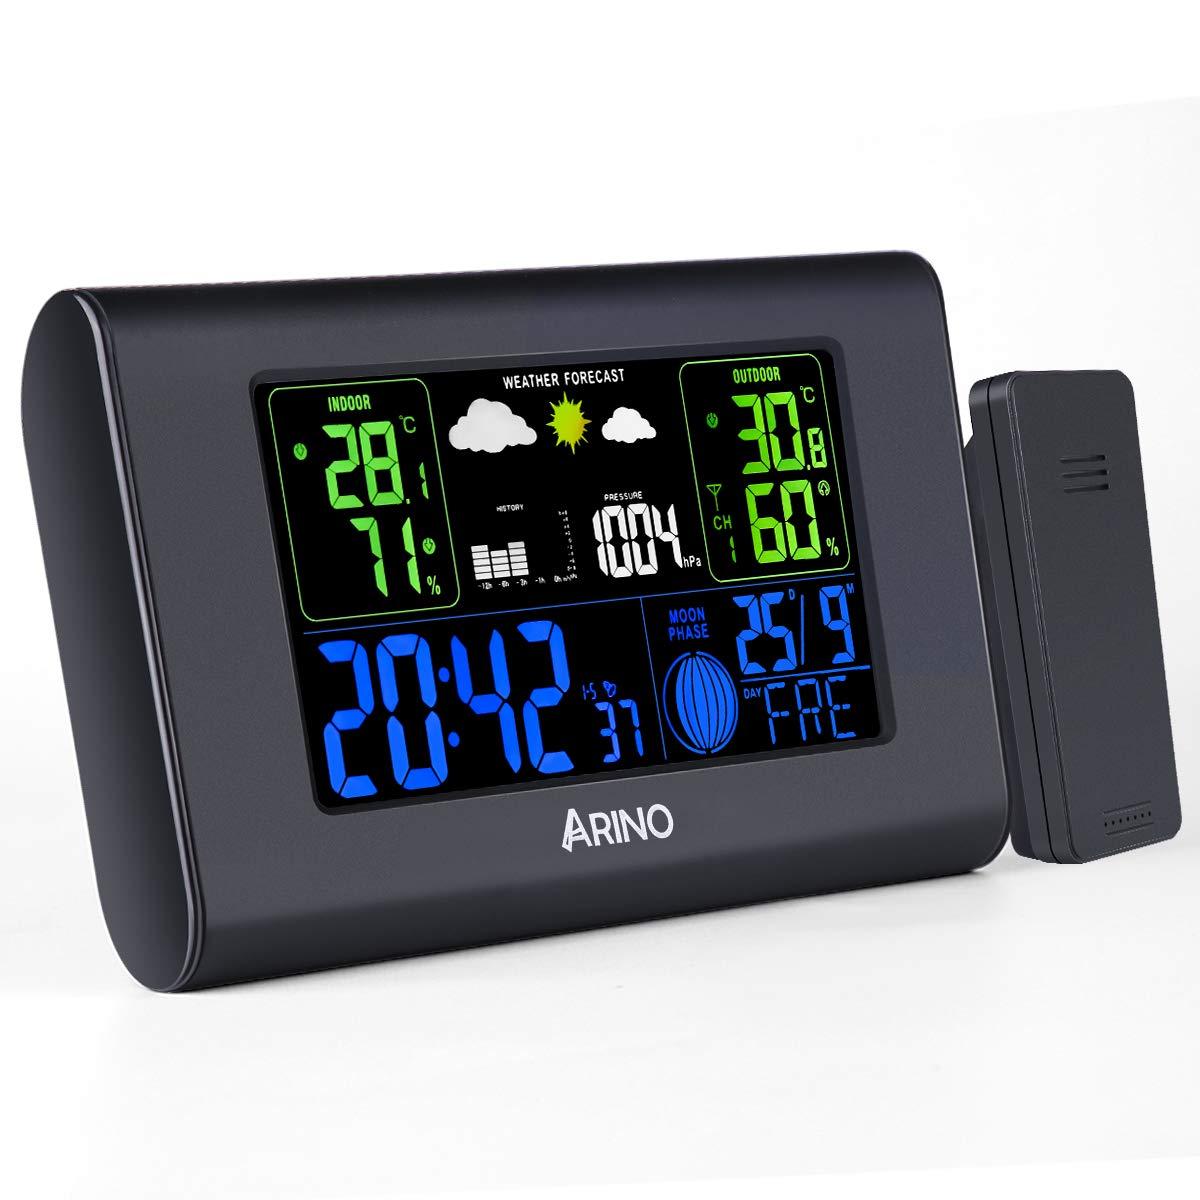 ARINO Stazione Meteo con Sensore Esterno Wireless Stazione Meteorologica Professionale da Casa, Schermo LCD a Colori con Sveglia Digitale Allarme per Casa, Ufficio, Soggiorno, Negozi